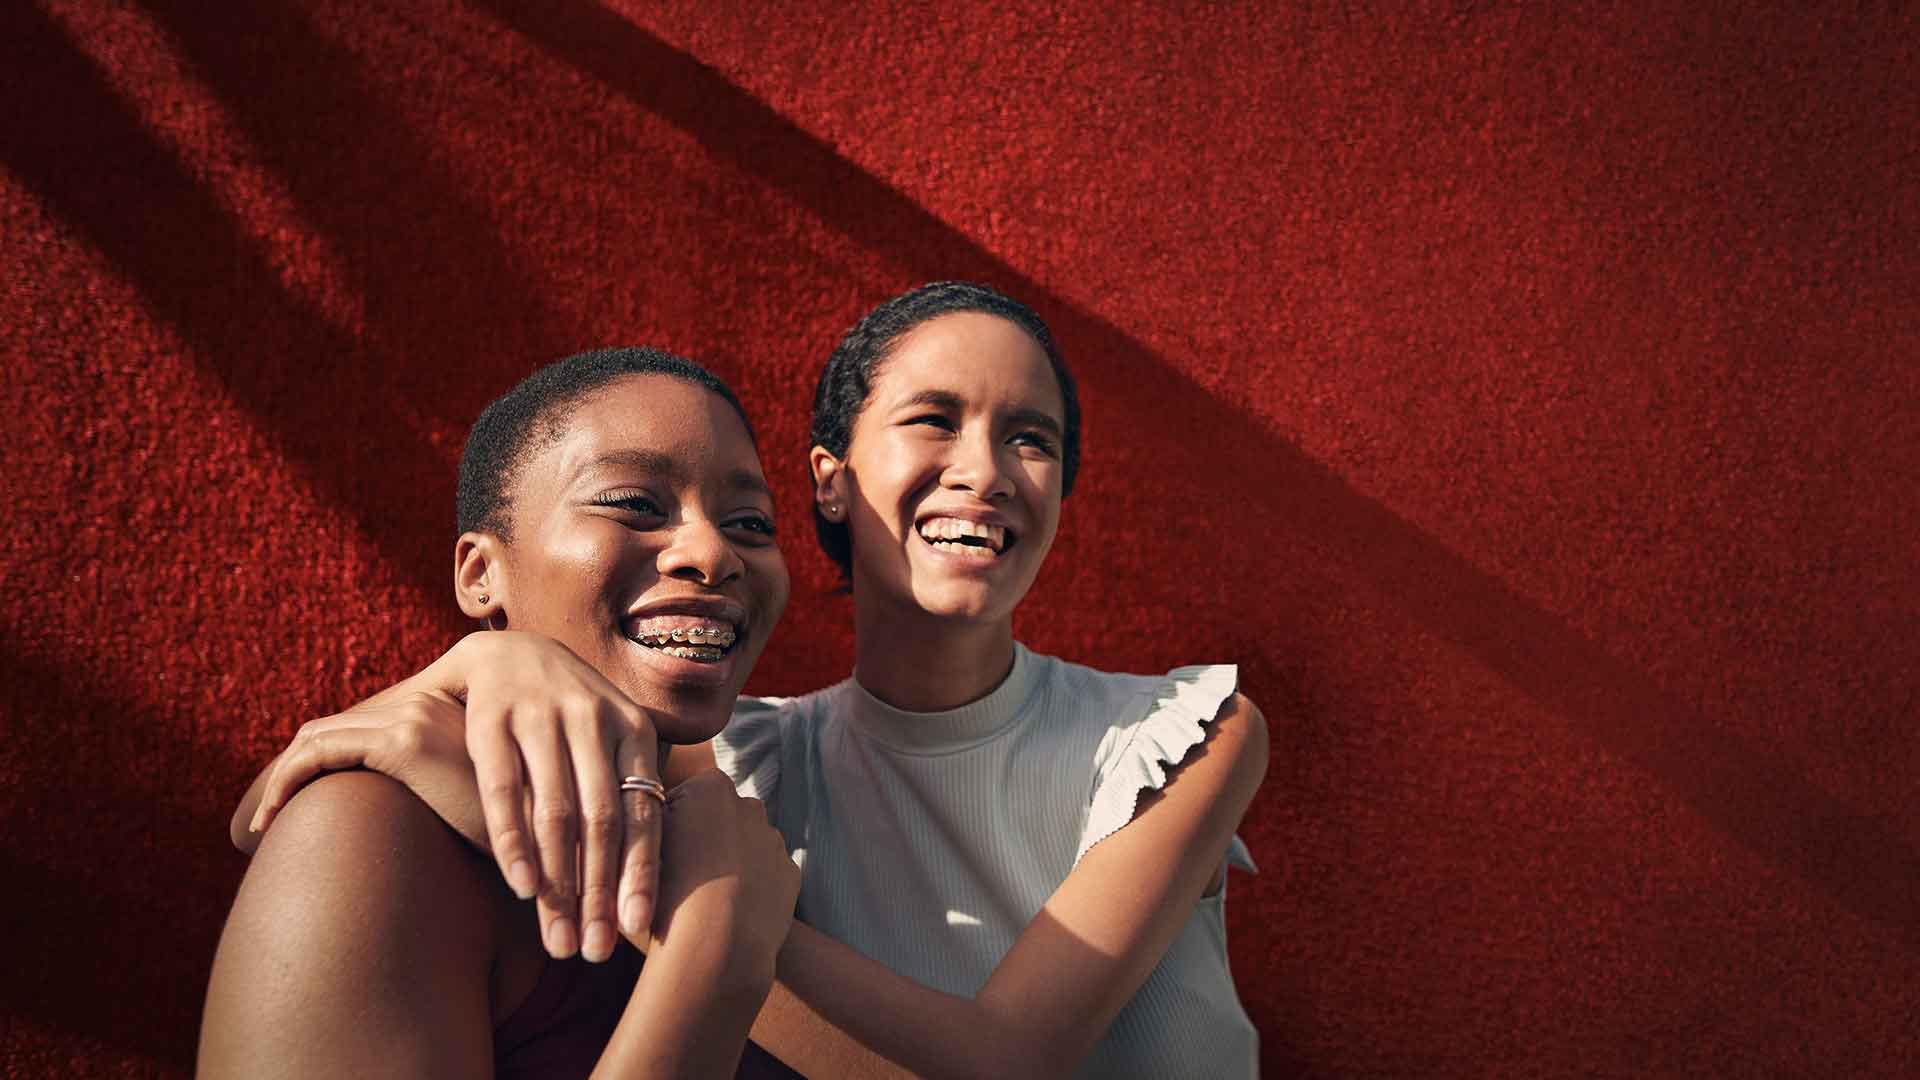 Zwei Mädchen stehen lachend vor einer roten Wand, die rechte umarmt die linke.